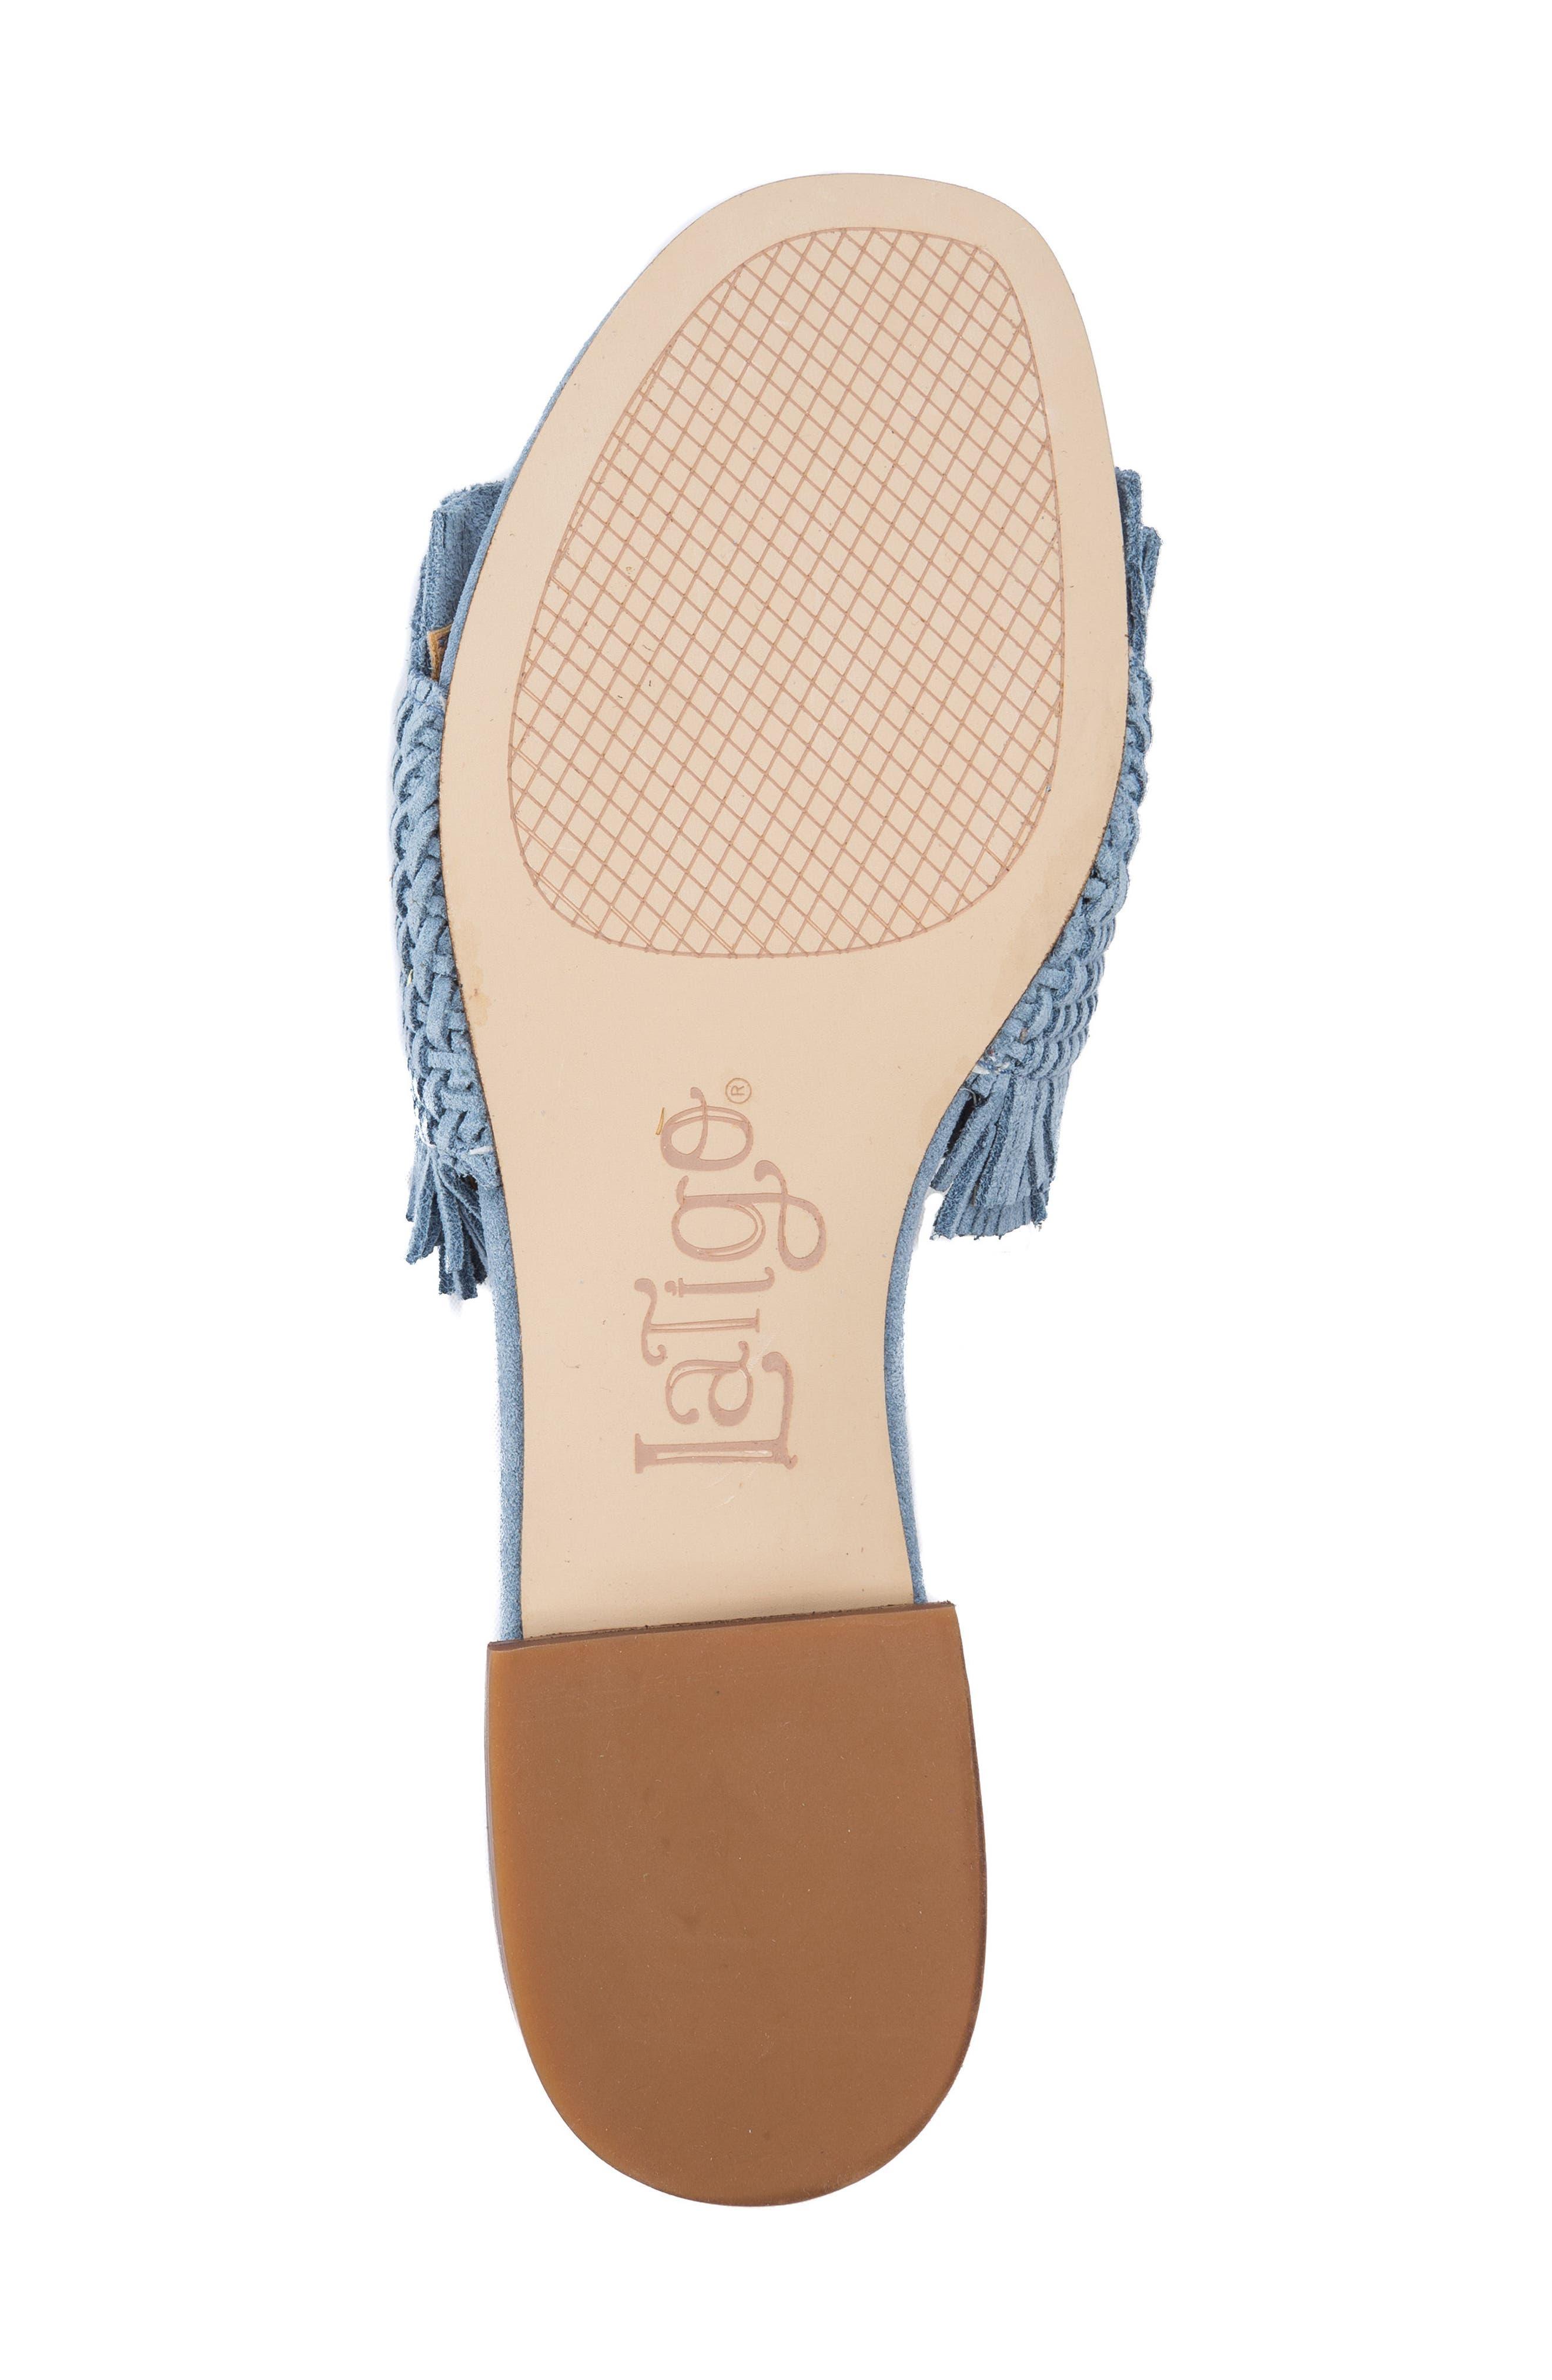 Sofie Fringed Slide Sandal,                             Alternate thumbnail 6, color,                             Light Blue